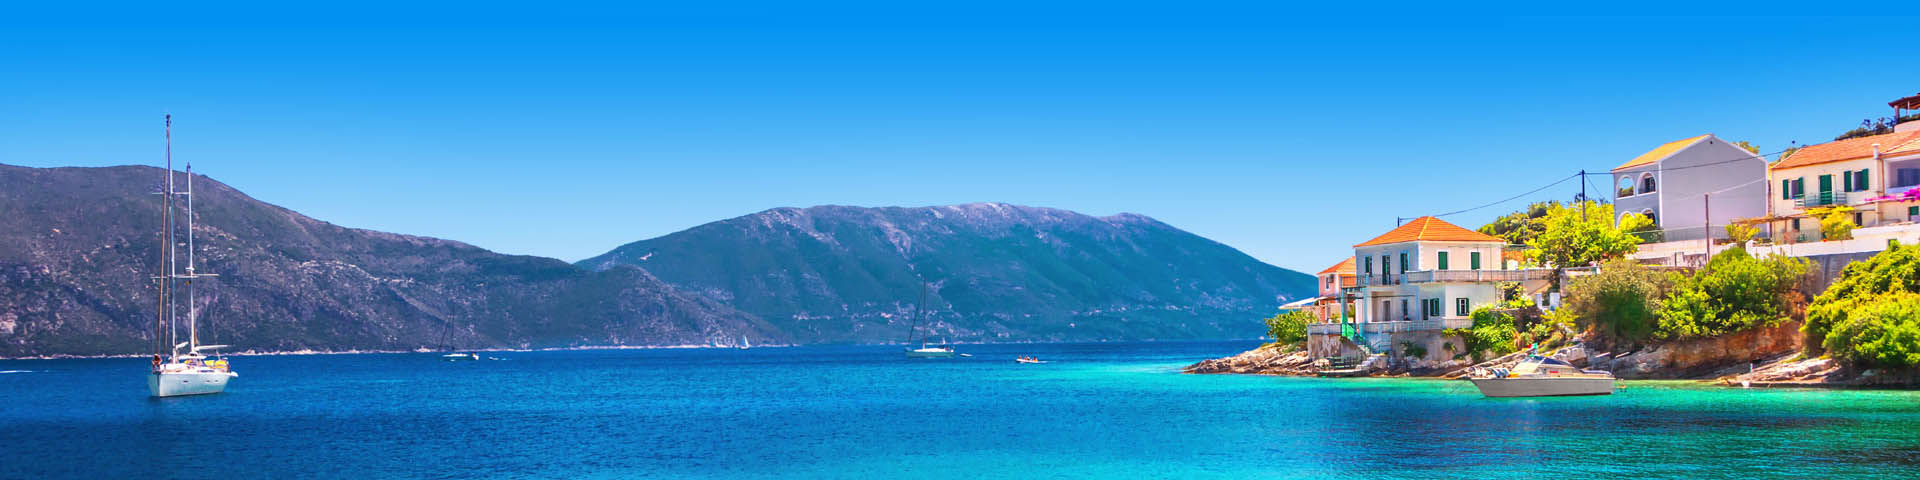 Griekse haven met gekleurde huisjes